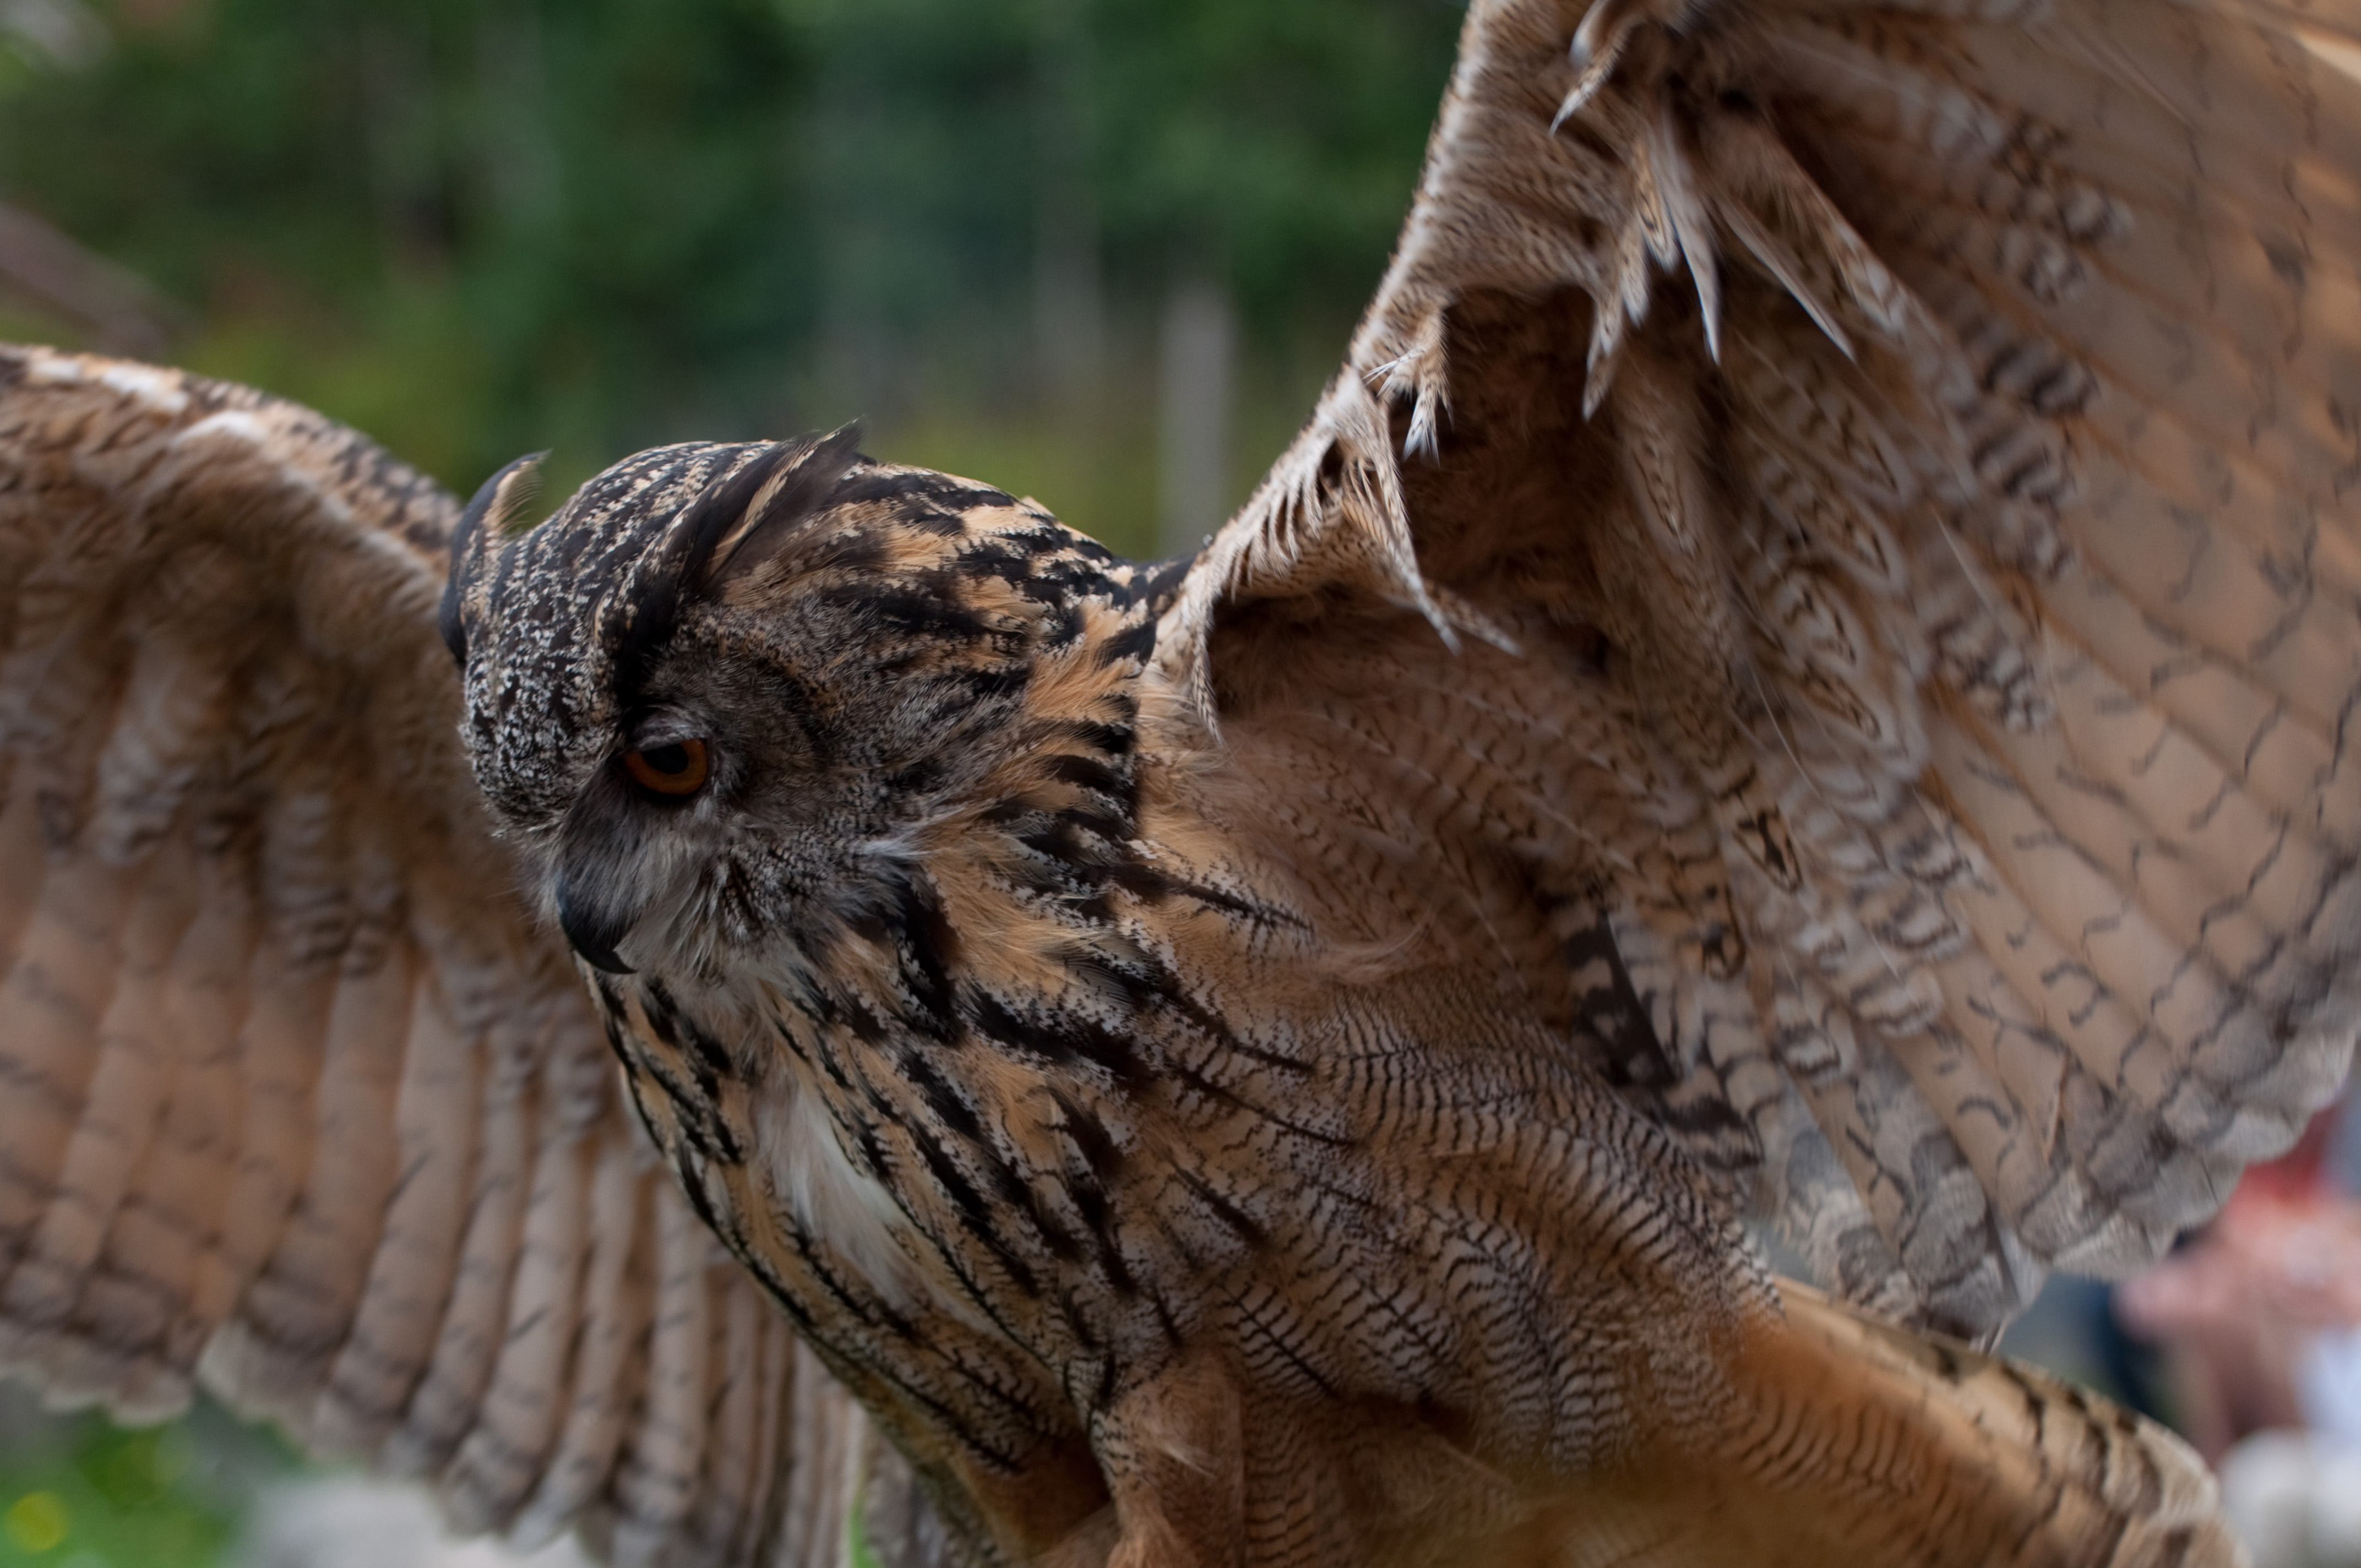 Fileeagle Owl Wings Spread 7913350190jpg Wikimedia Commons